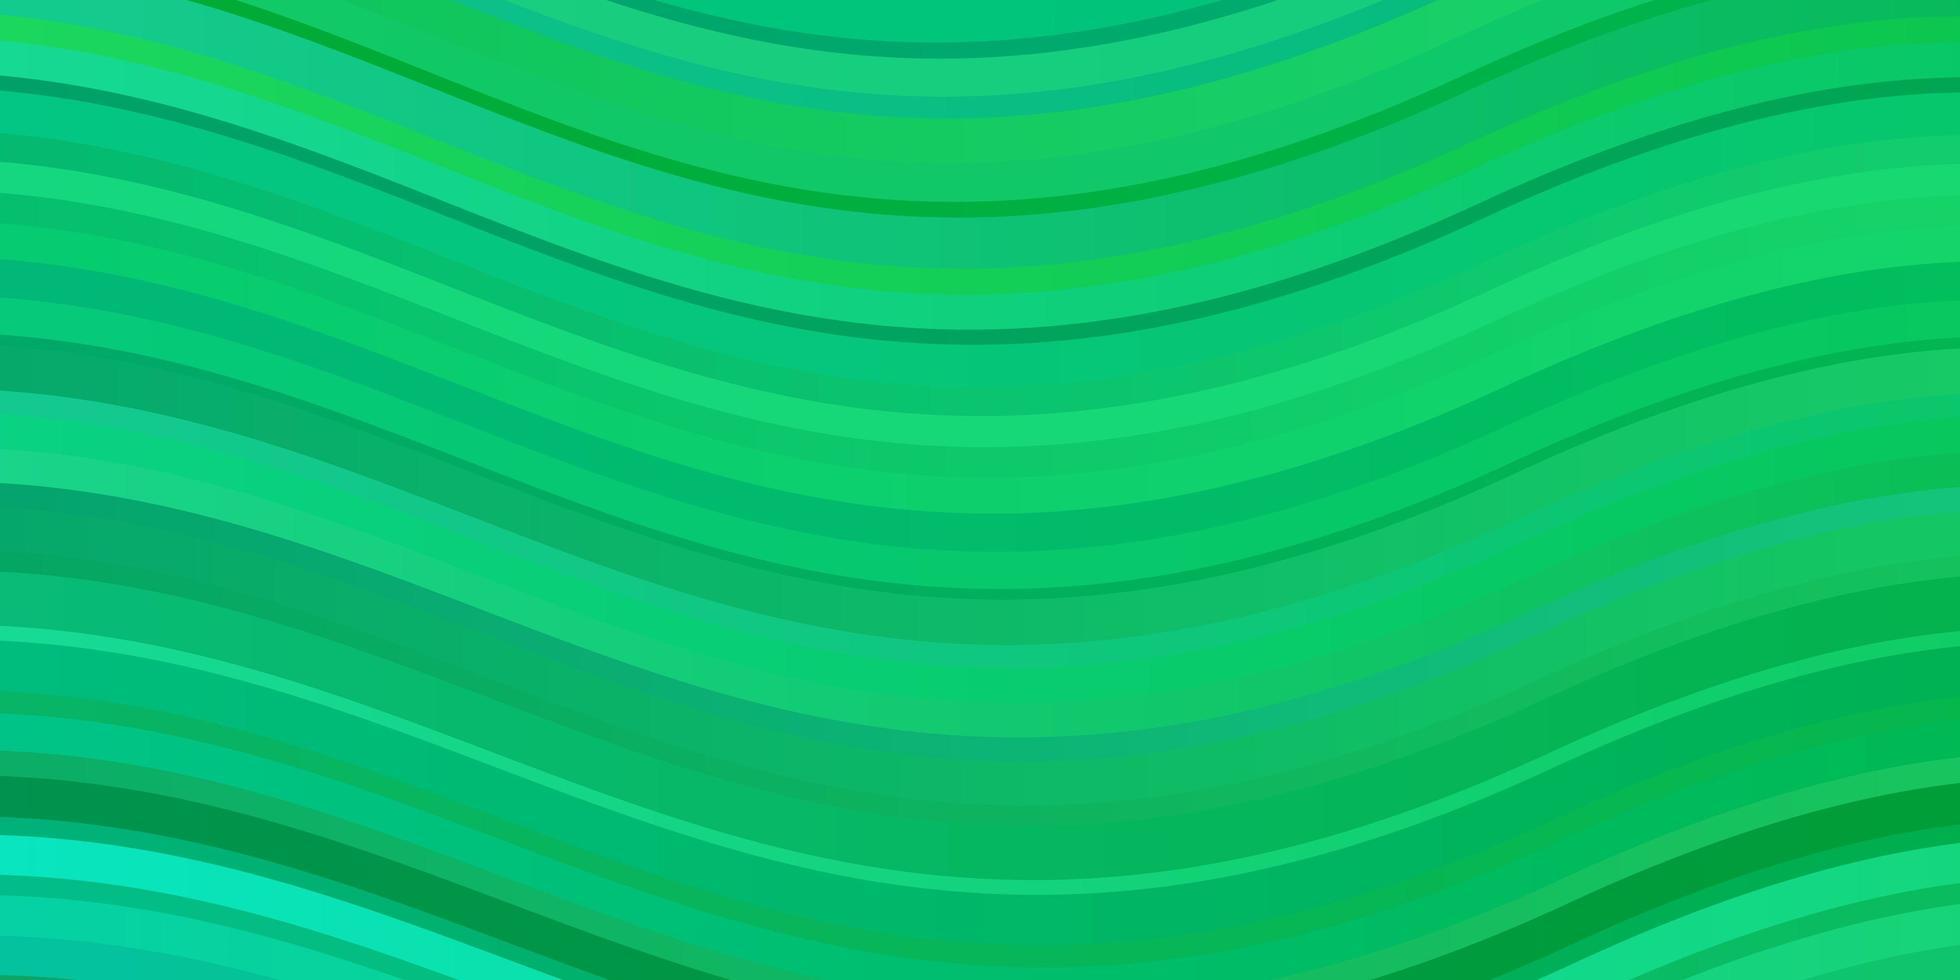 lichtgroene achtergrond met wrange lijnen. vector